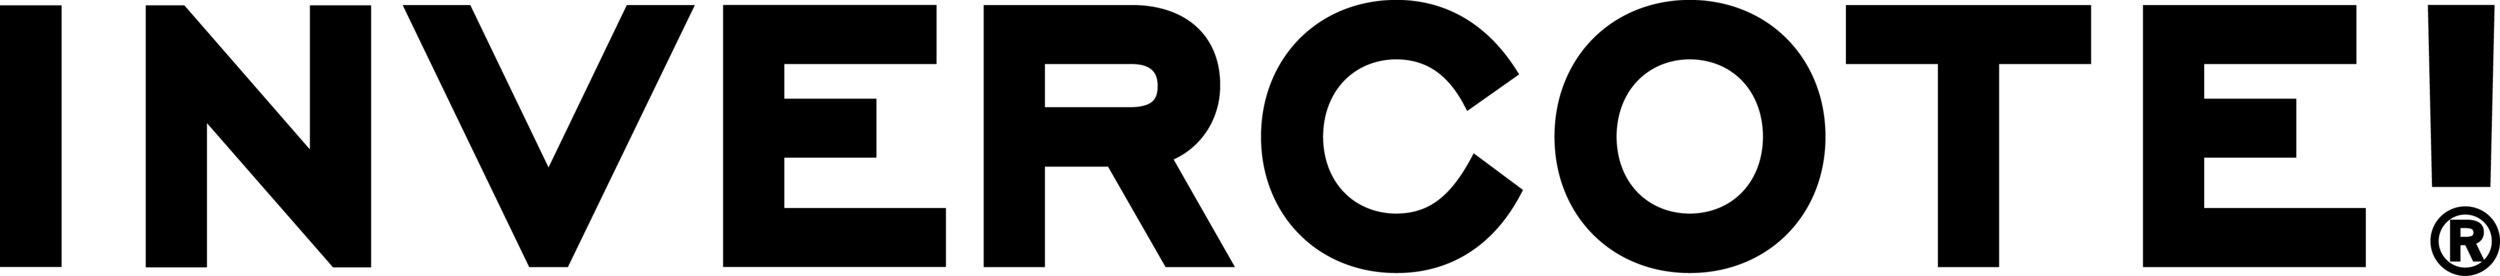 invercote-logotype.jpg